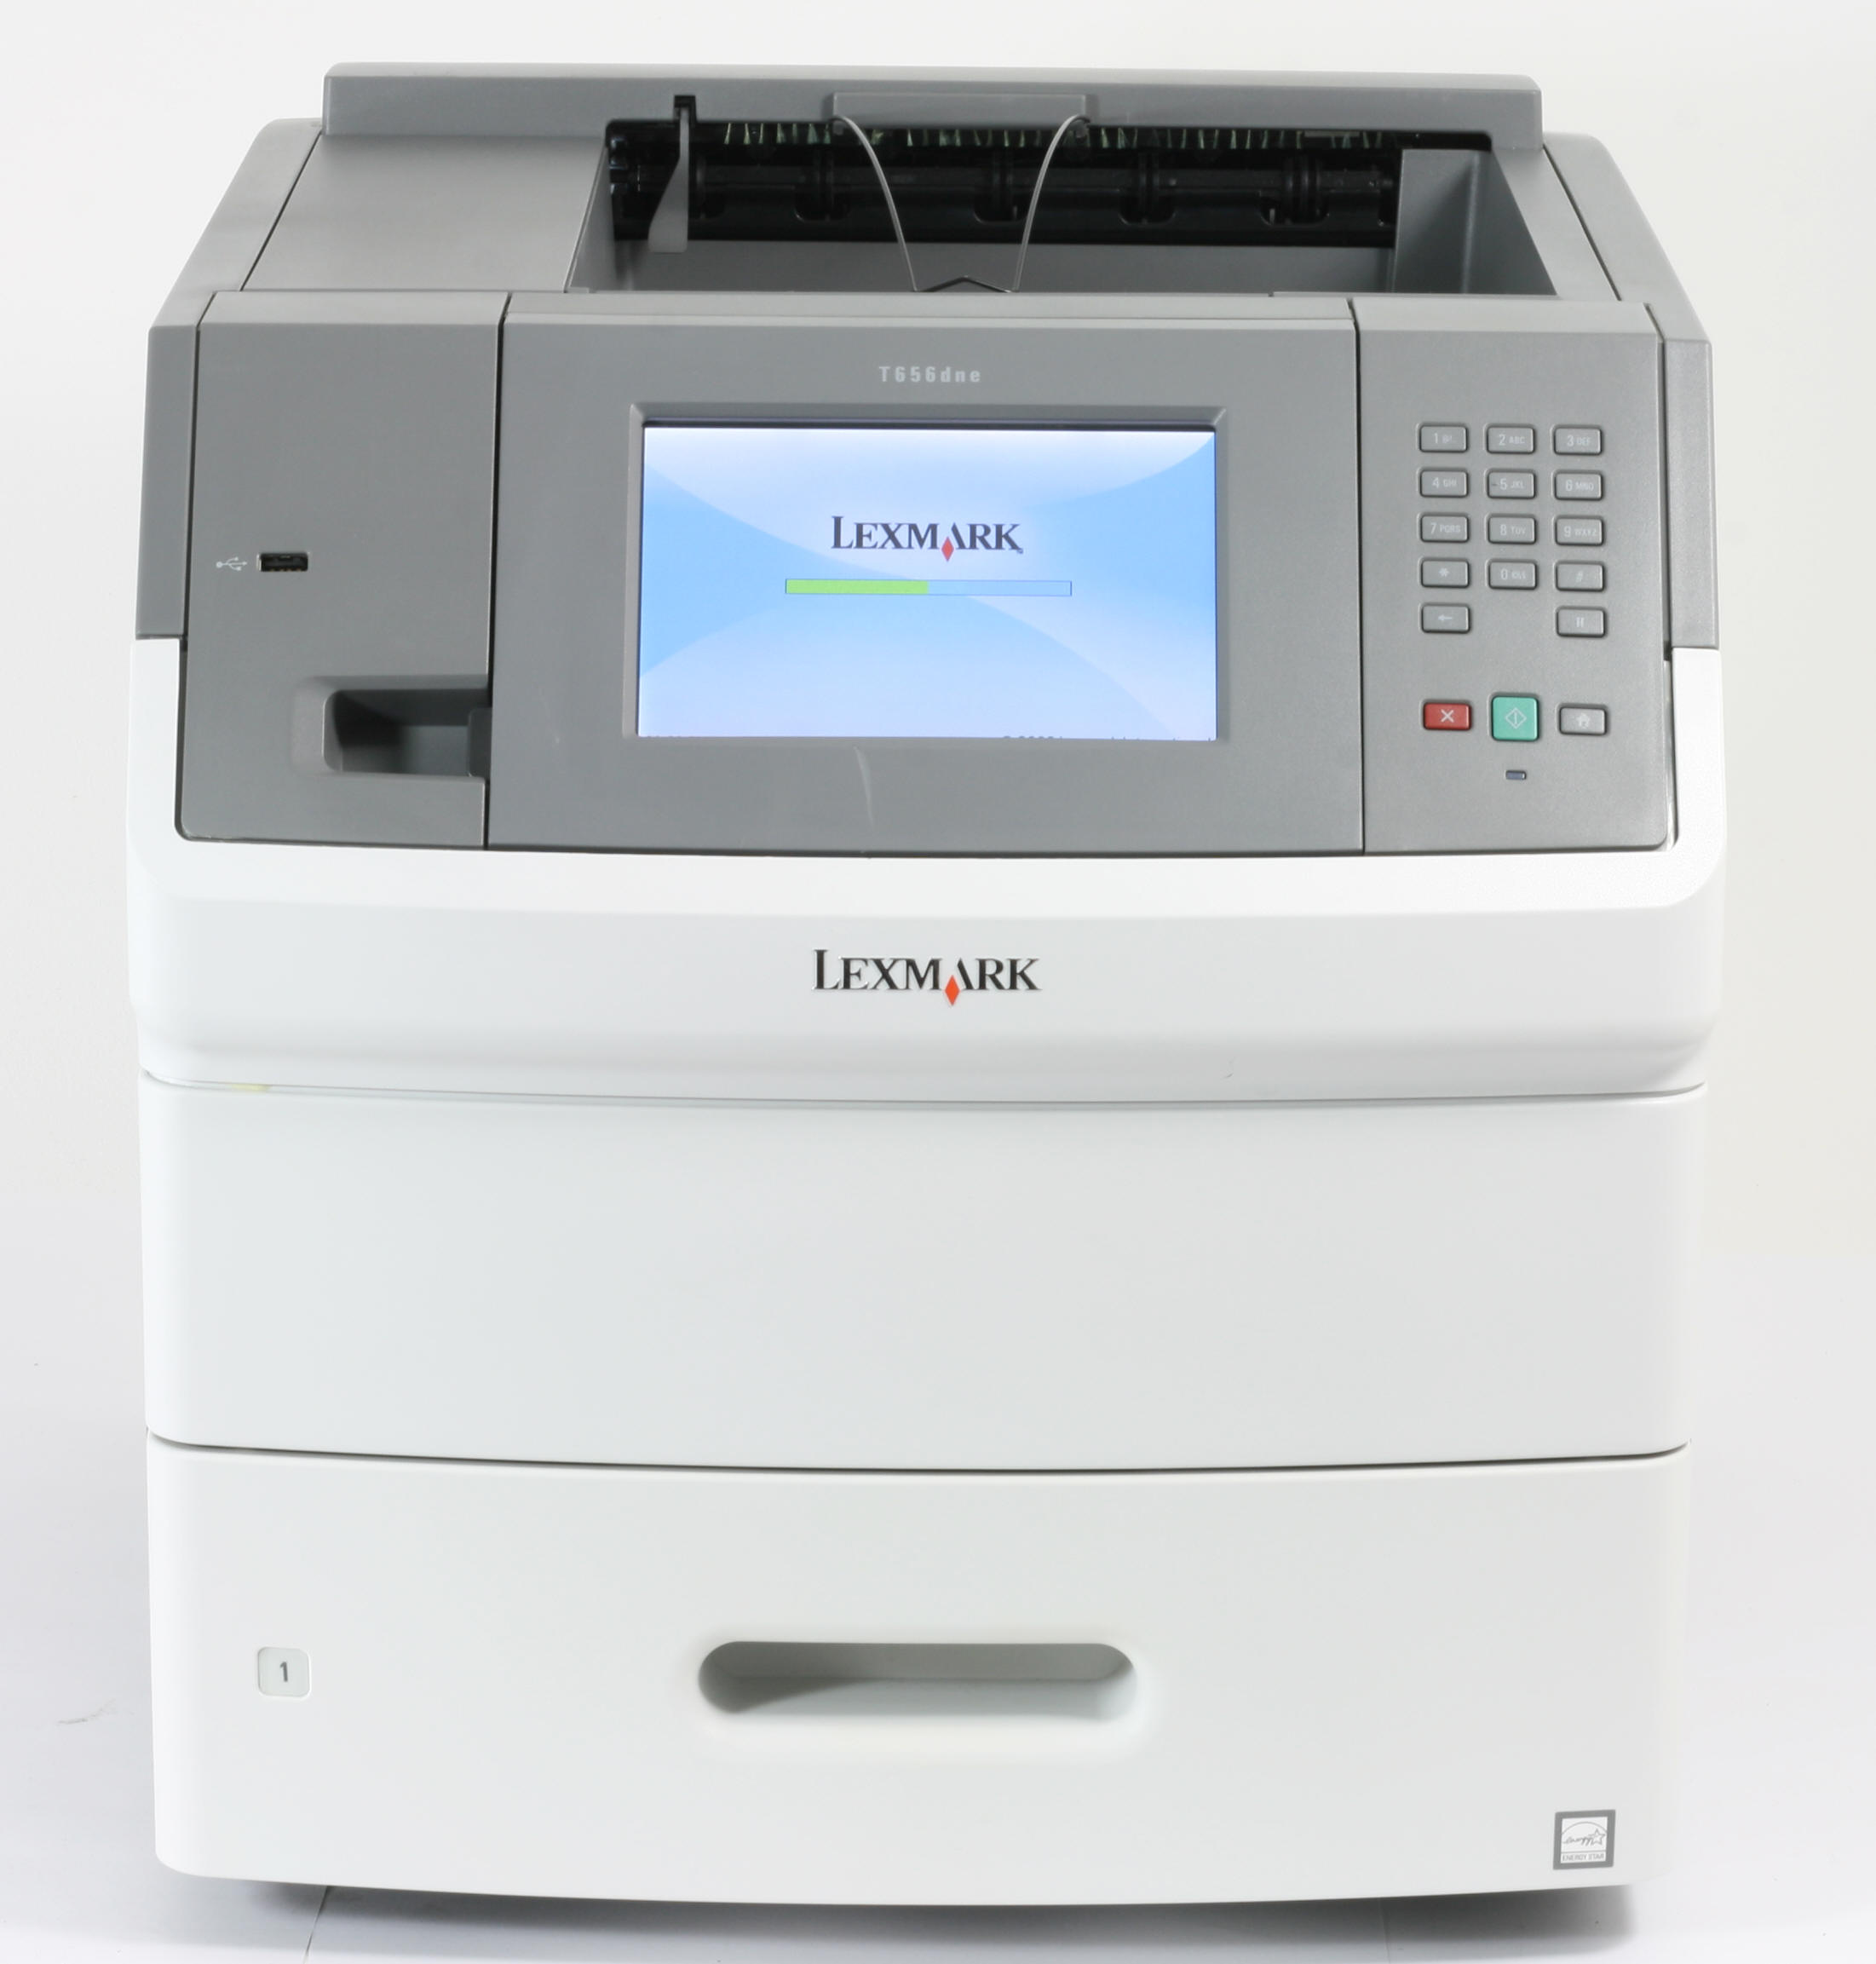 Lexmark T656dne Drucker Nezwerk Duplex Laserdrucker gebraucht unter 150.000 Seiten